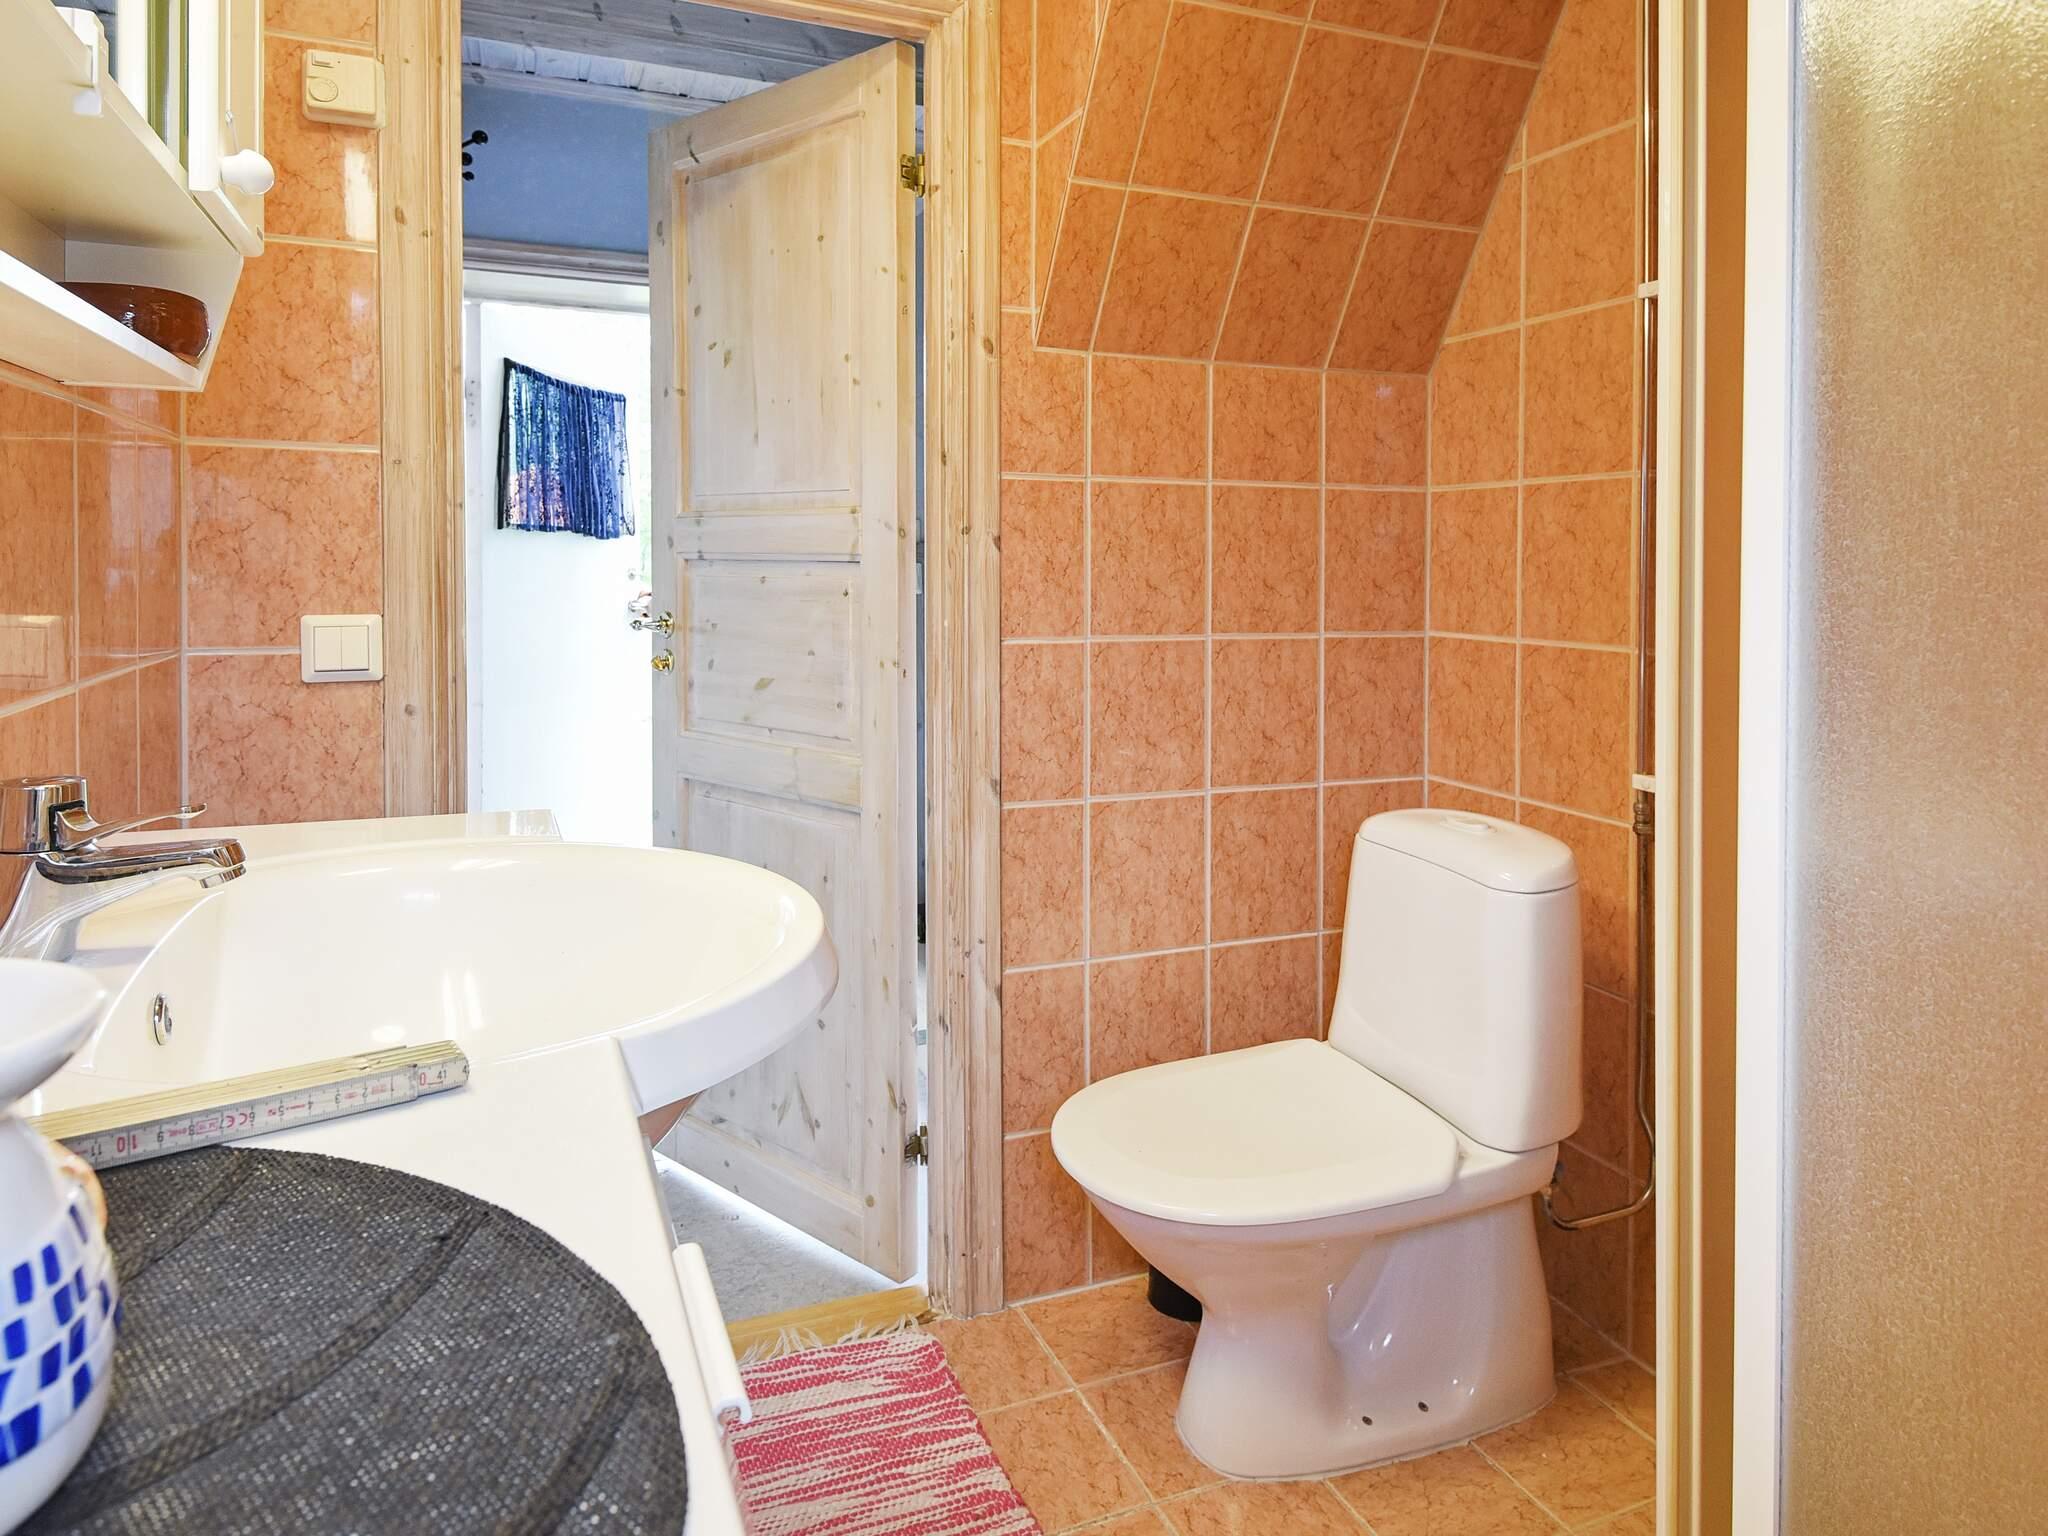 Ferienhaus Årjäng (2636838), Årjäng, Värmlands län, Mittelschweden, Schweden, Bild 6